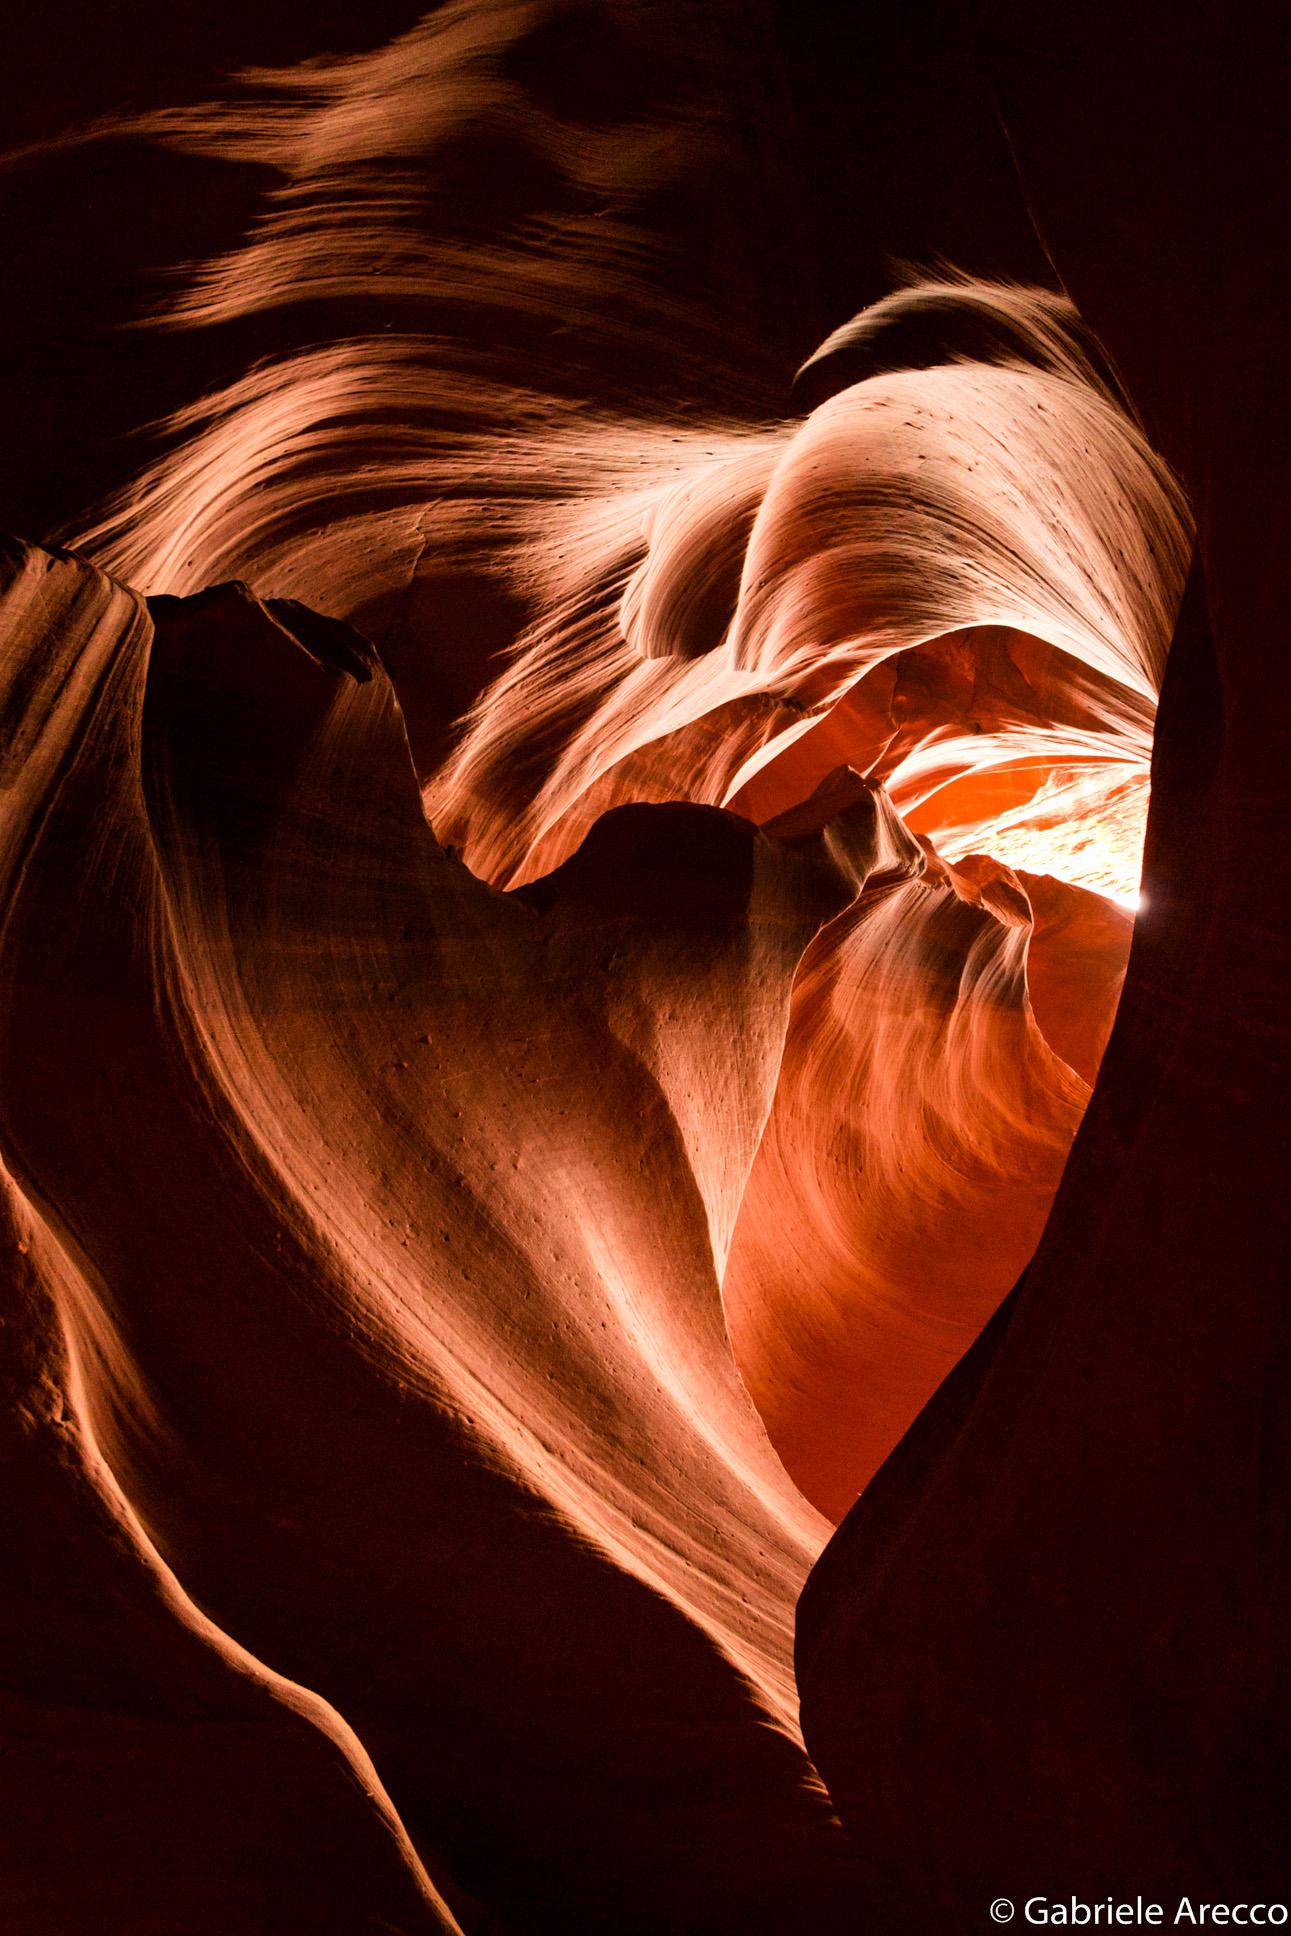 Antelope's heart...